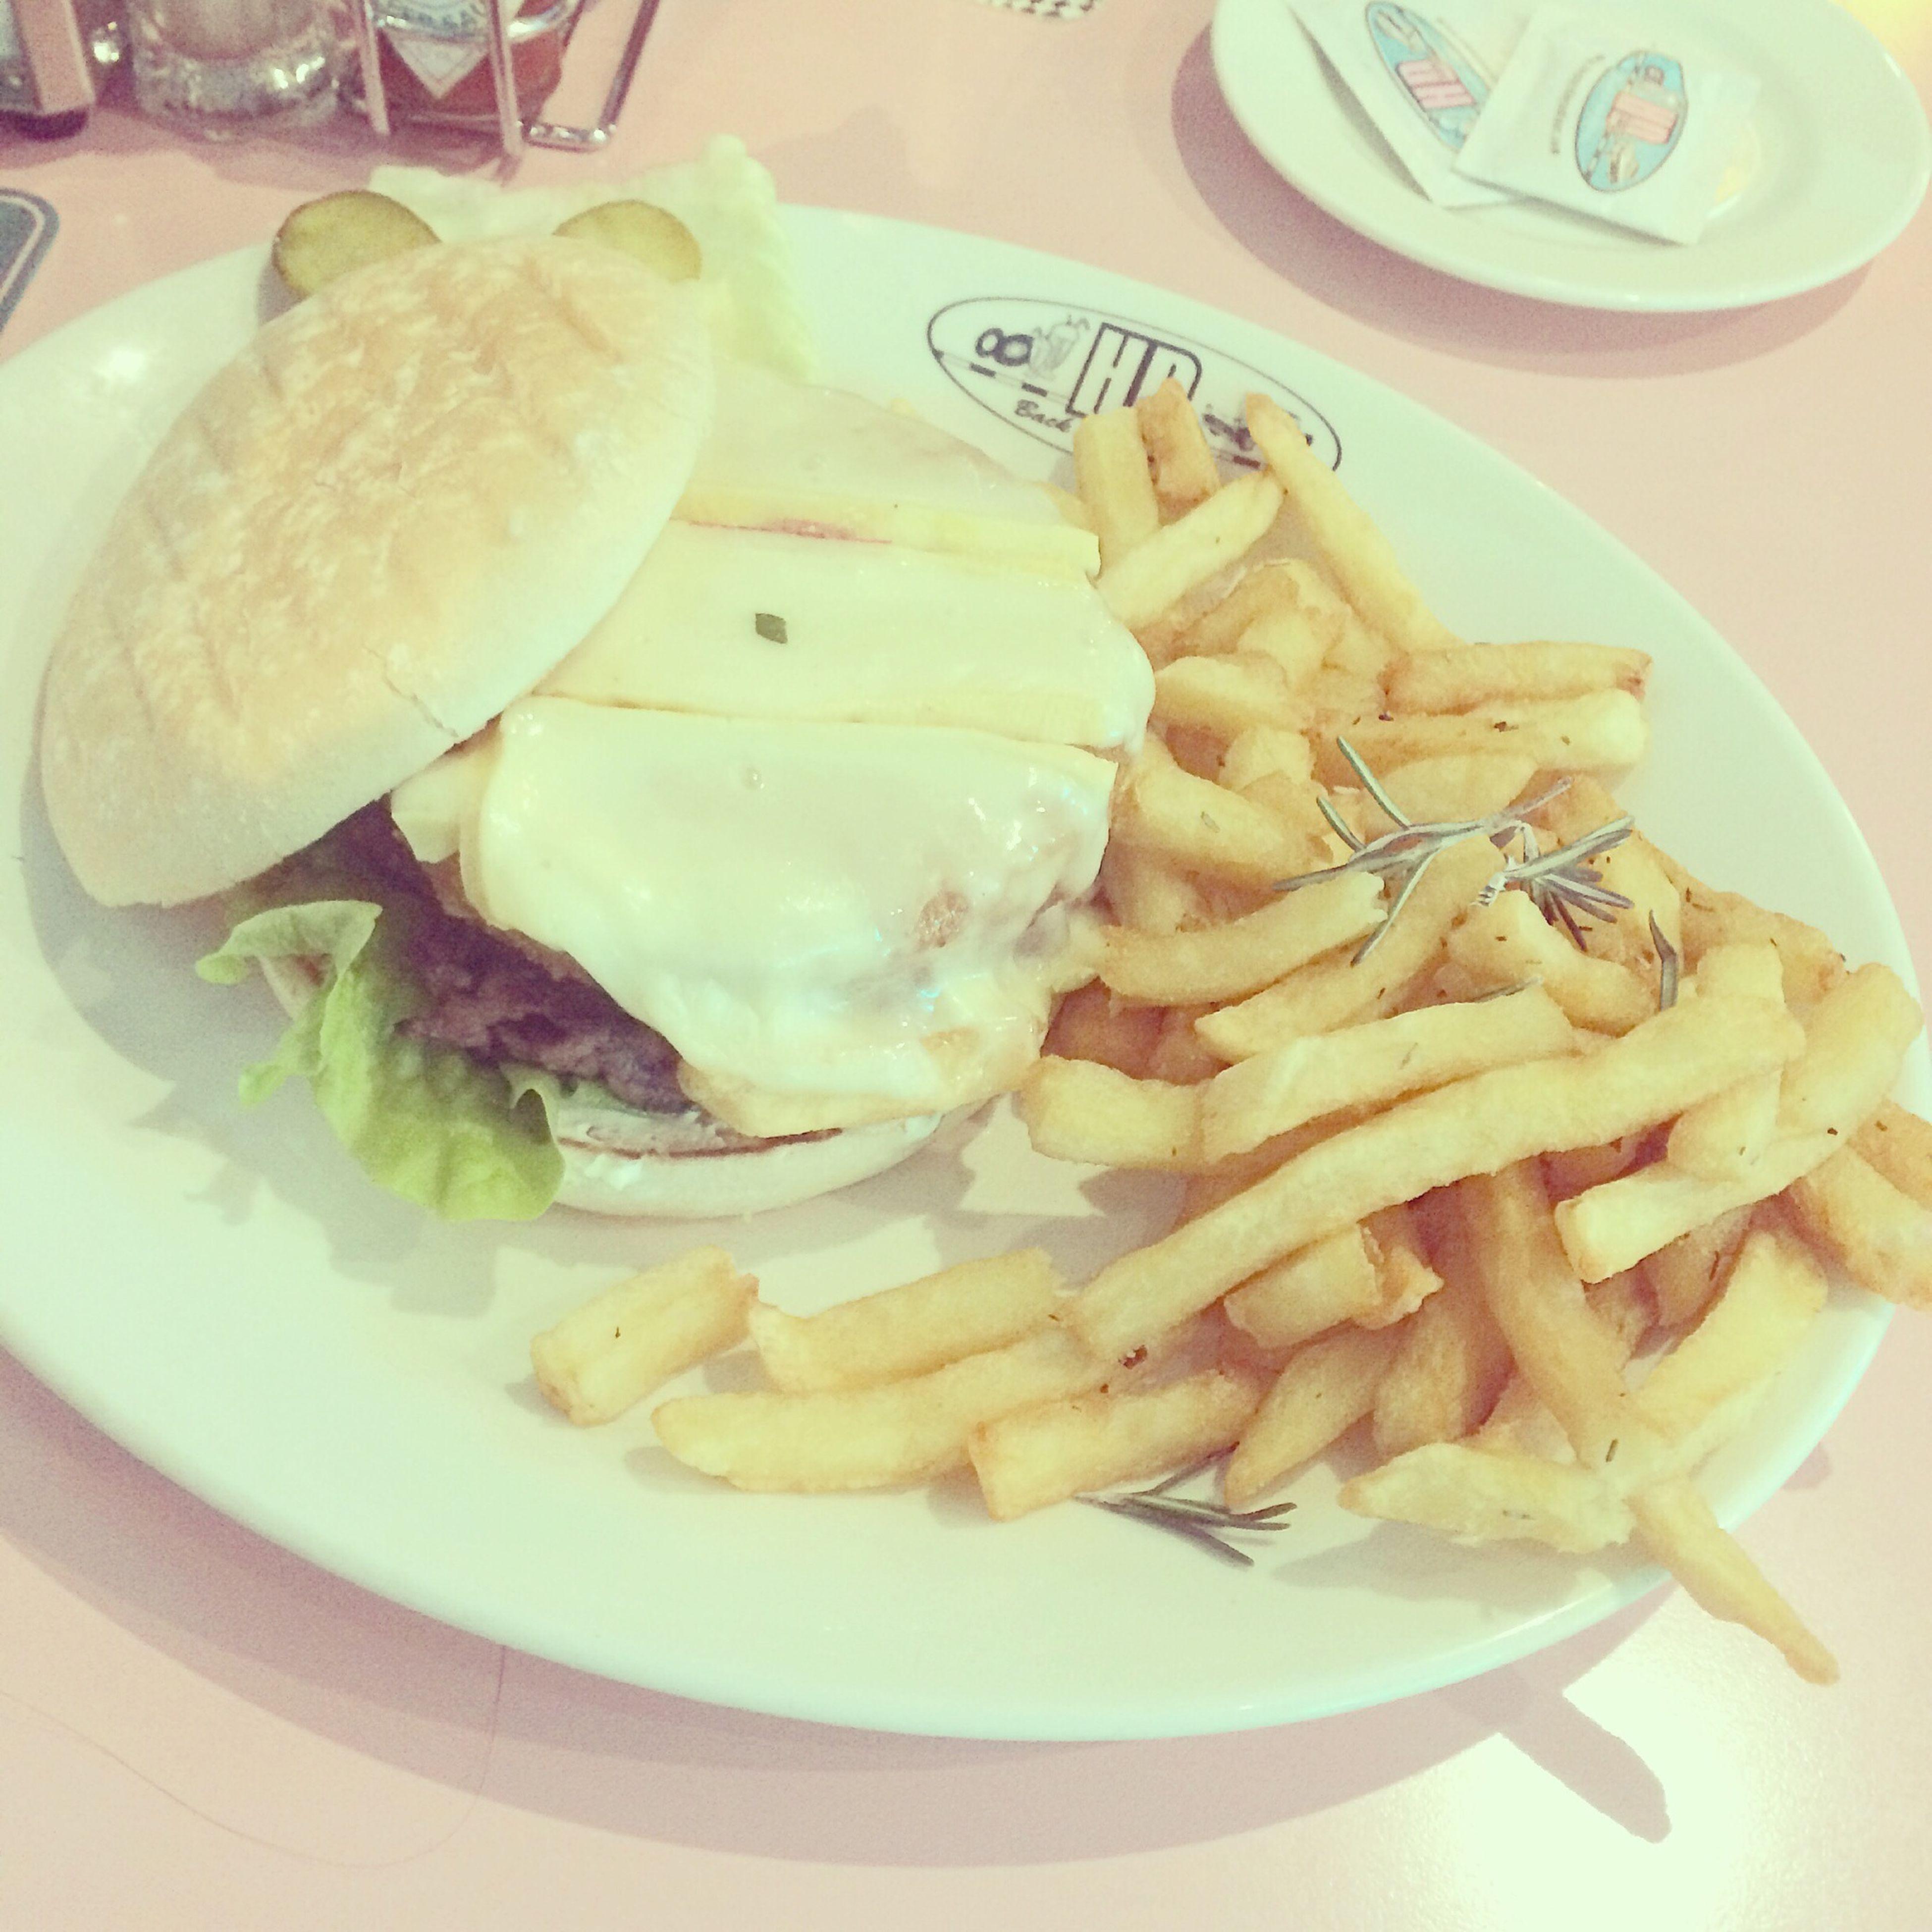 HD Diner { Colorado Burger } ✨ Mhh, un véritable délice ? Hddiner Followme Coloradoburger ShoutOut